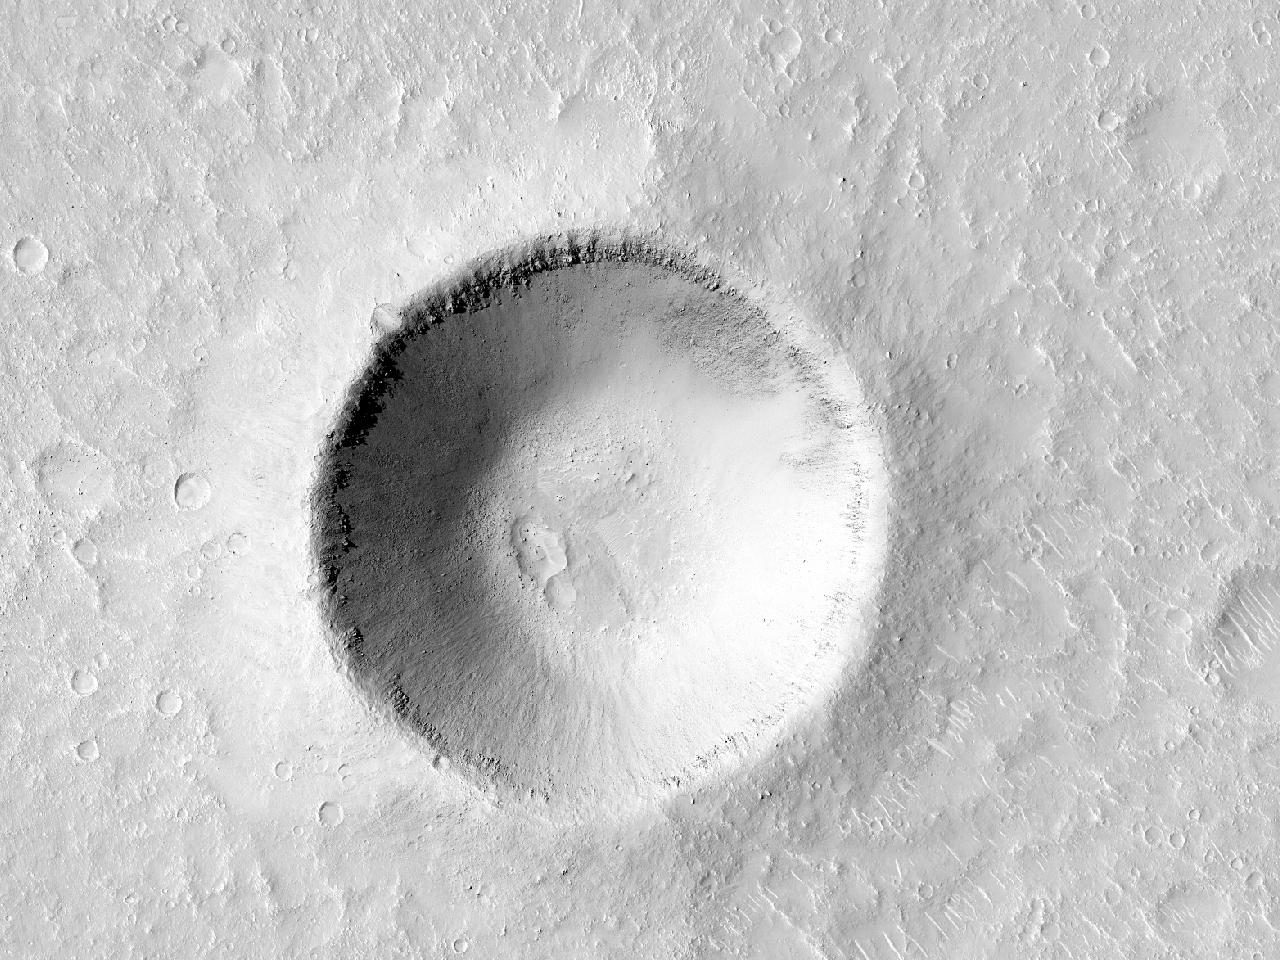 Cratera em Isidis Planitia